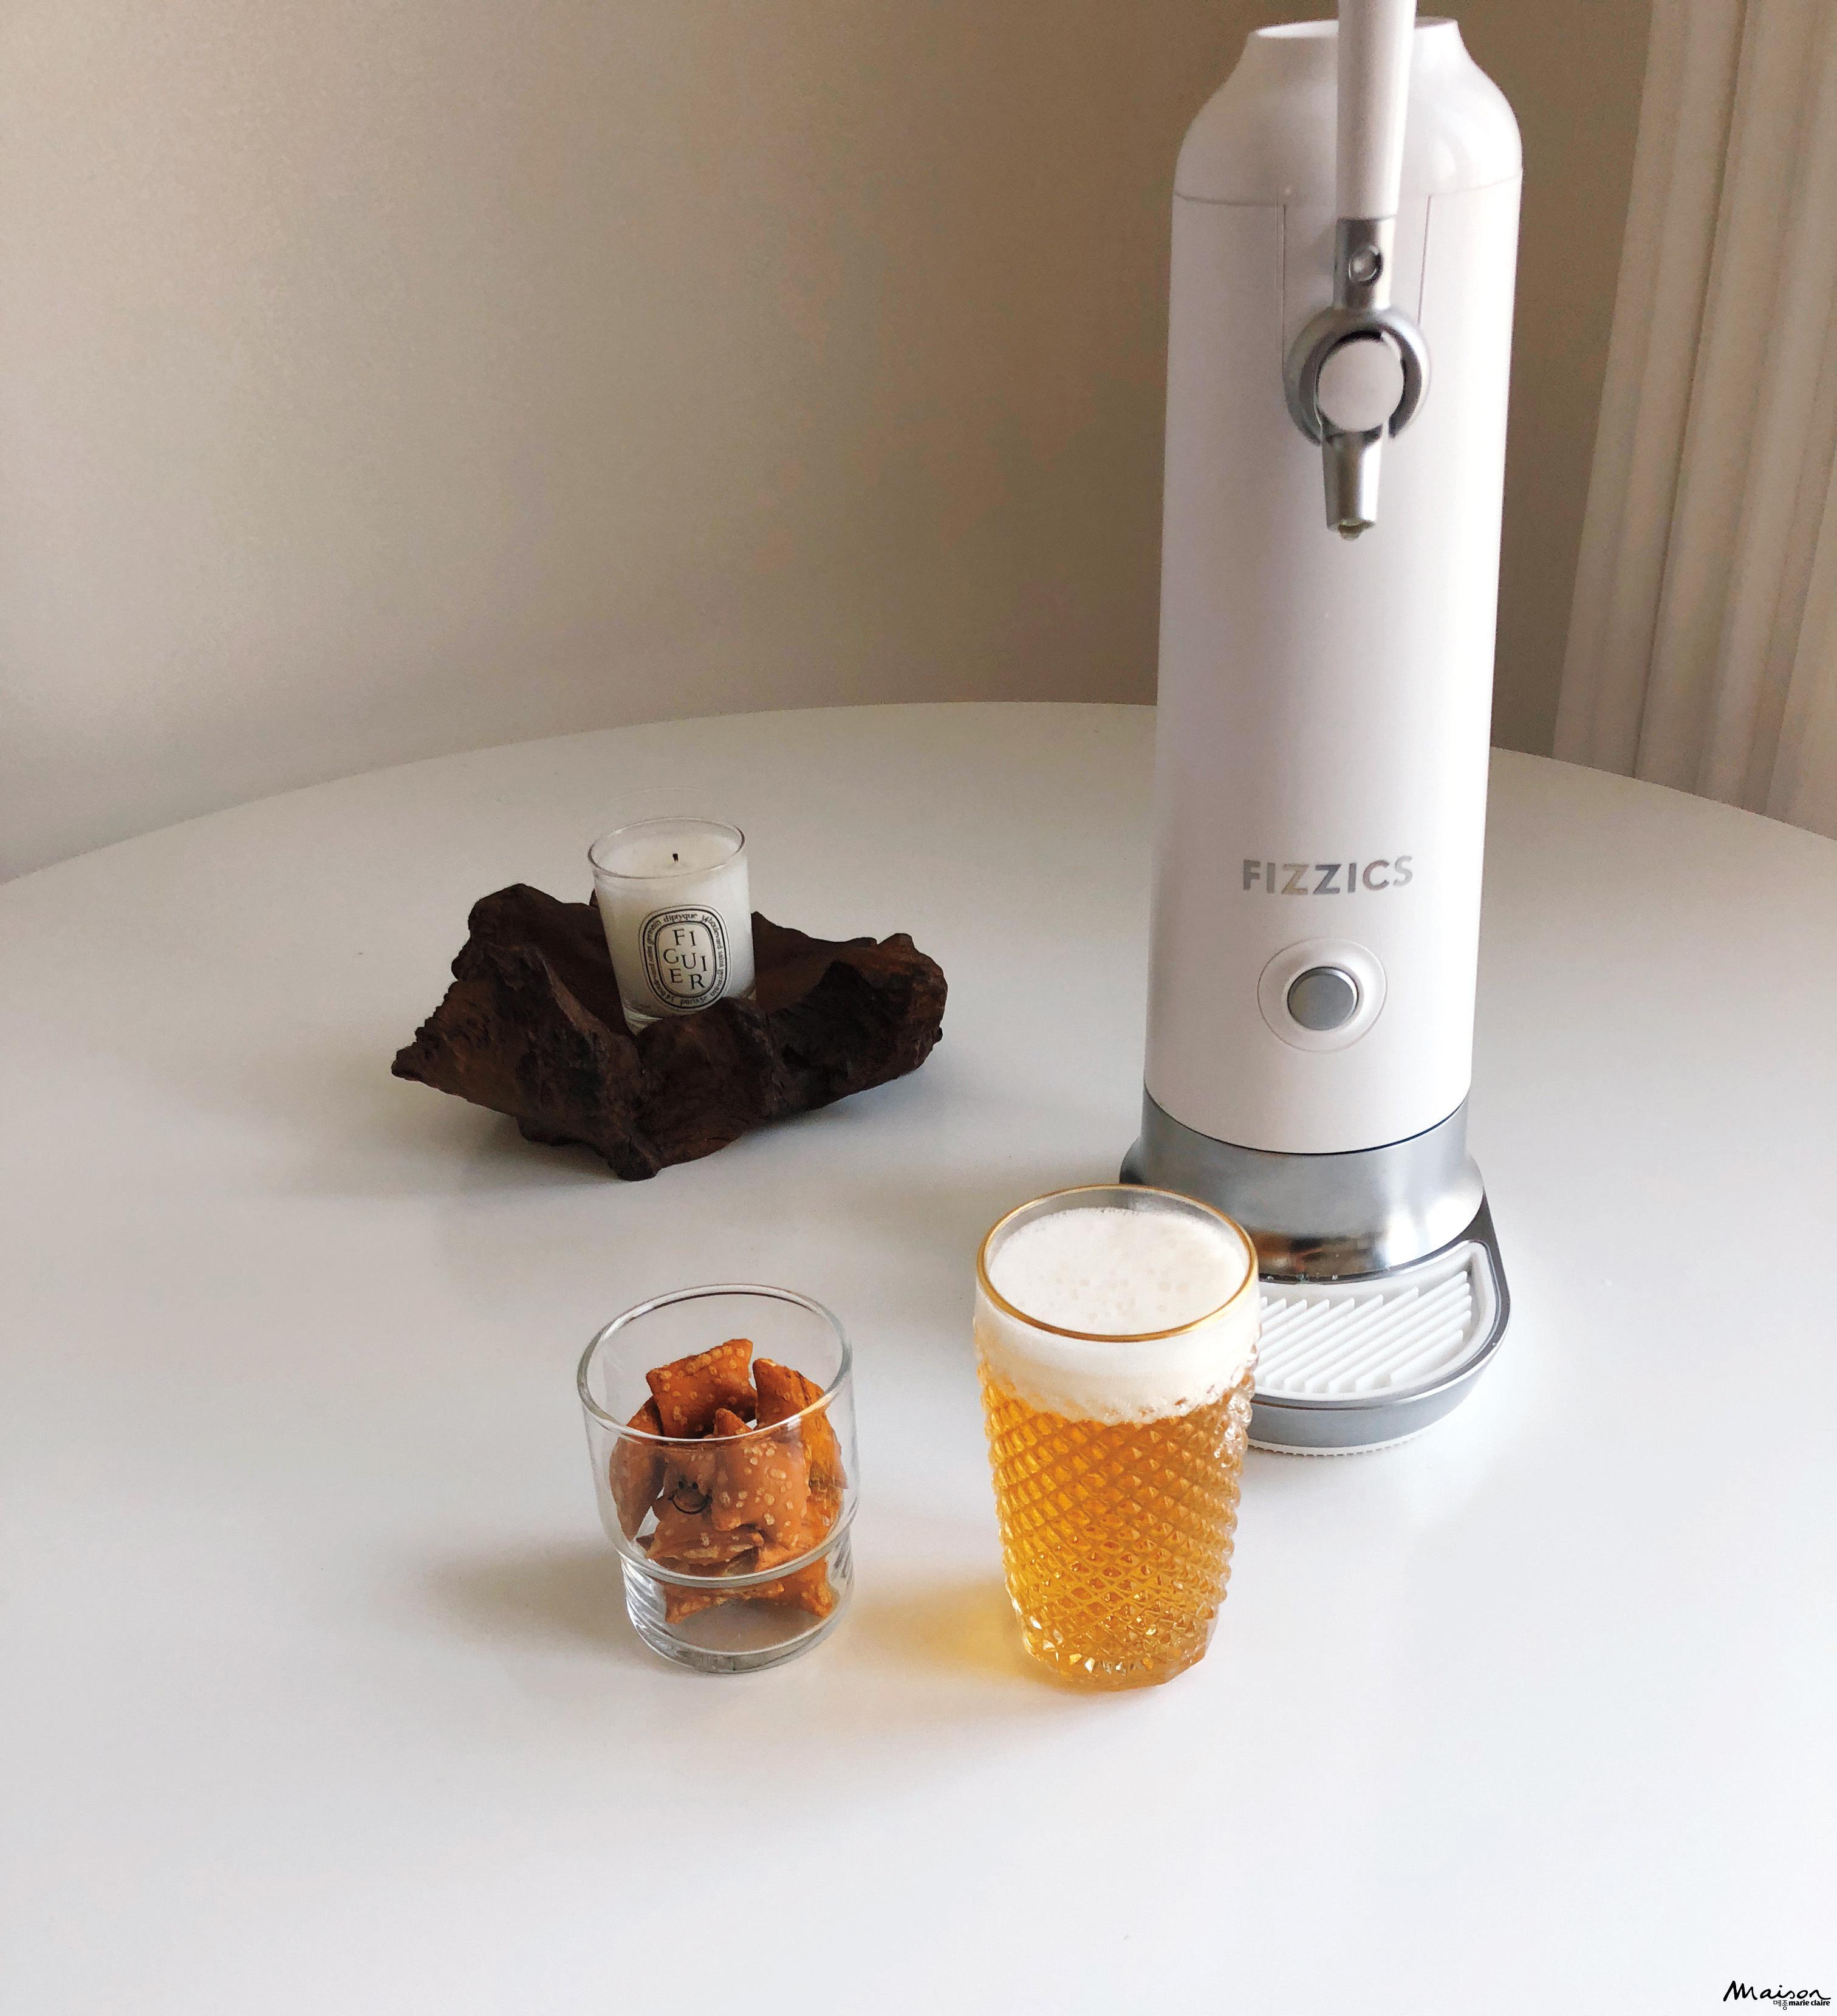 피직스 맥주 크림 제조기